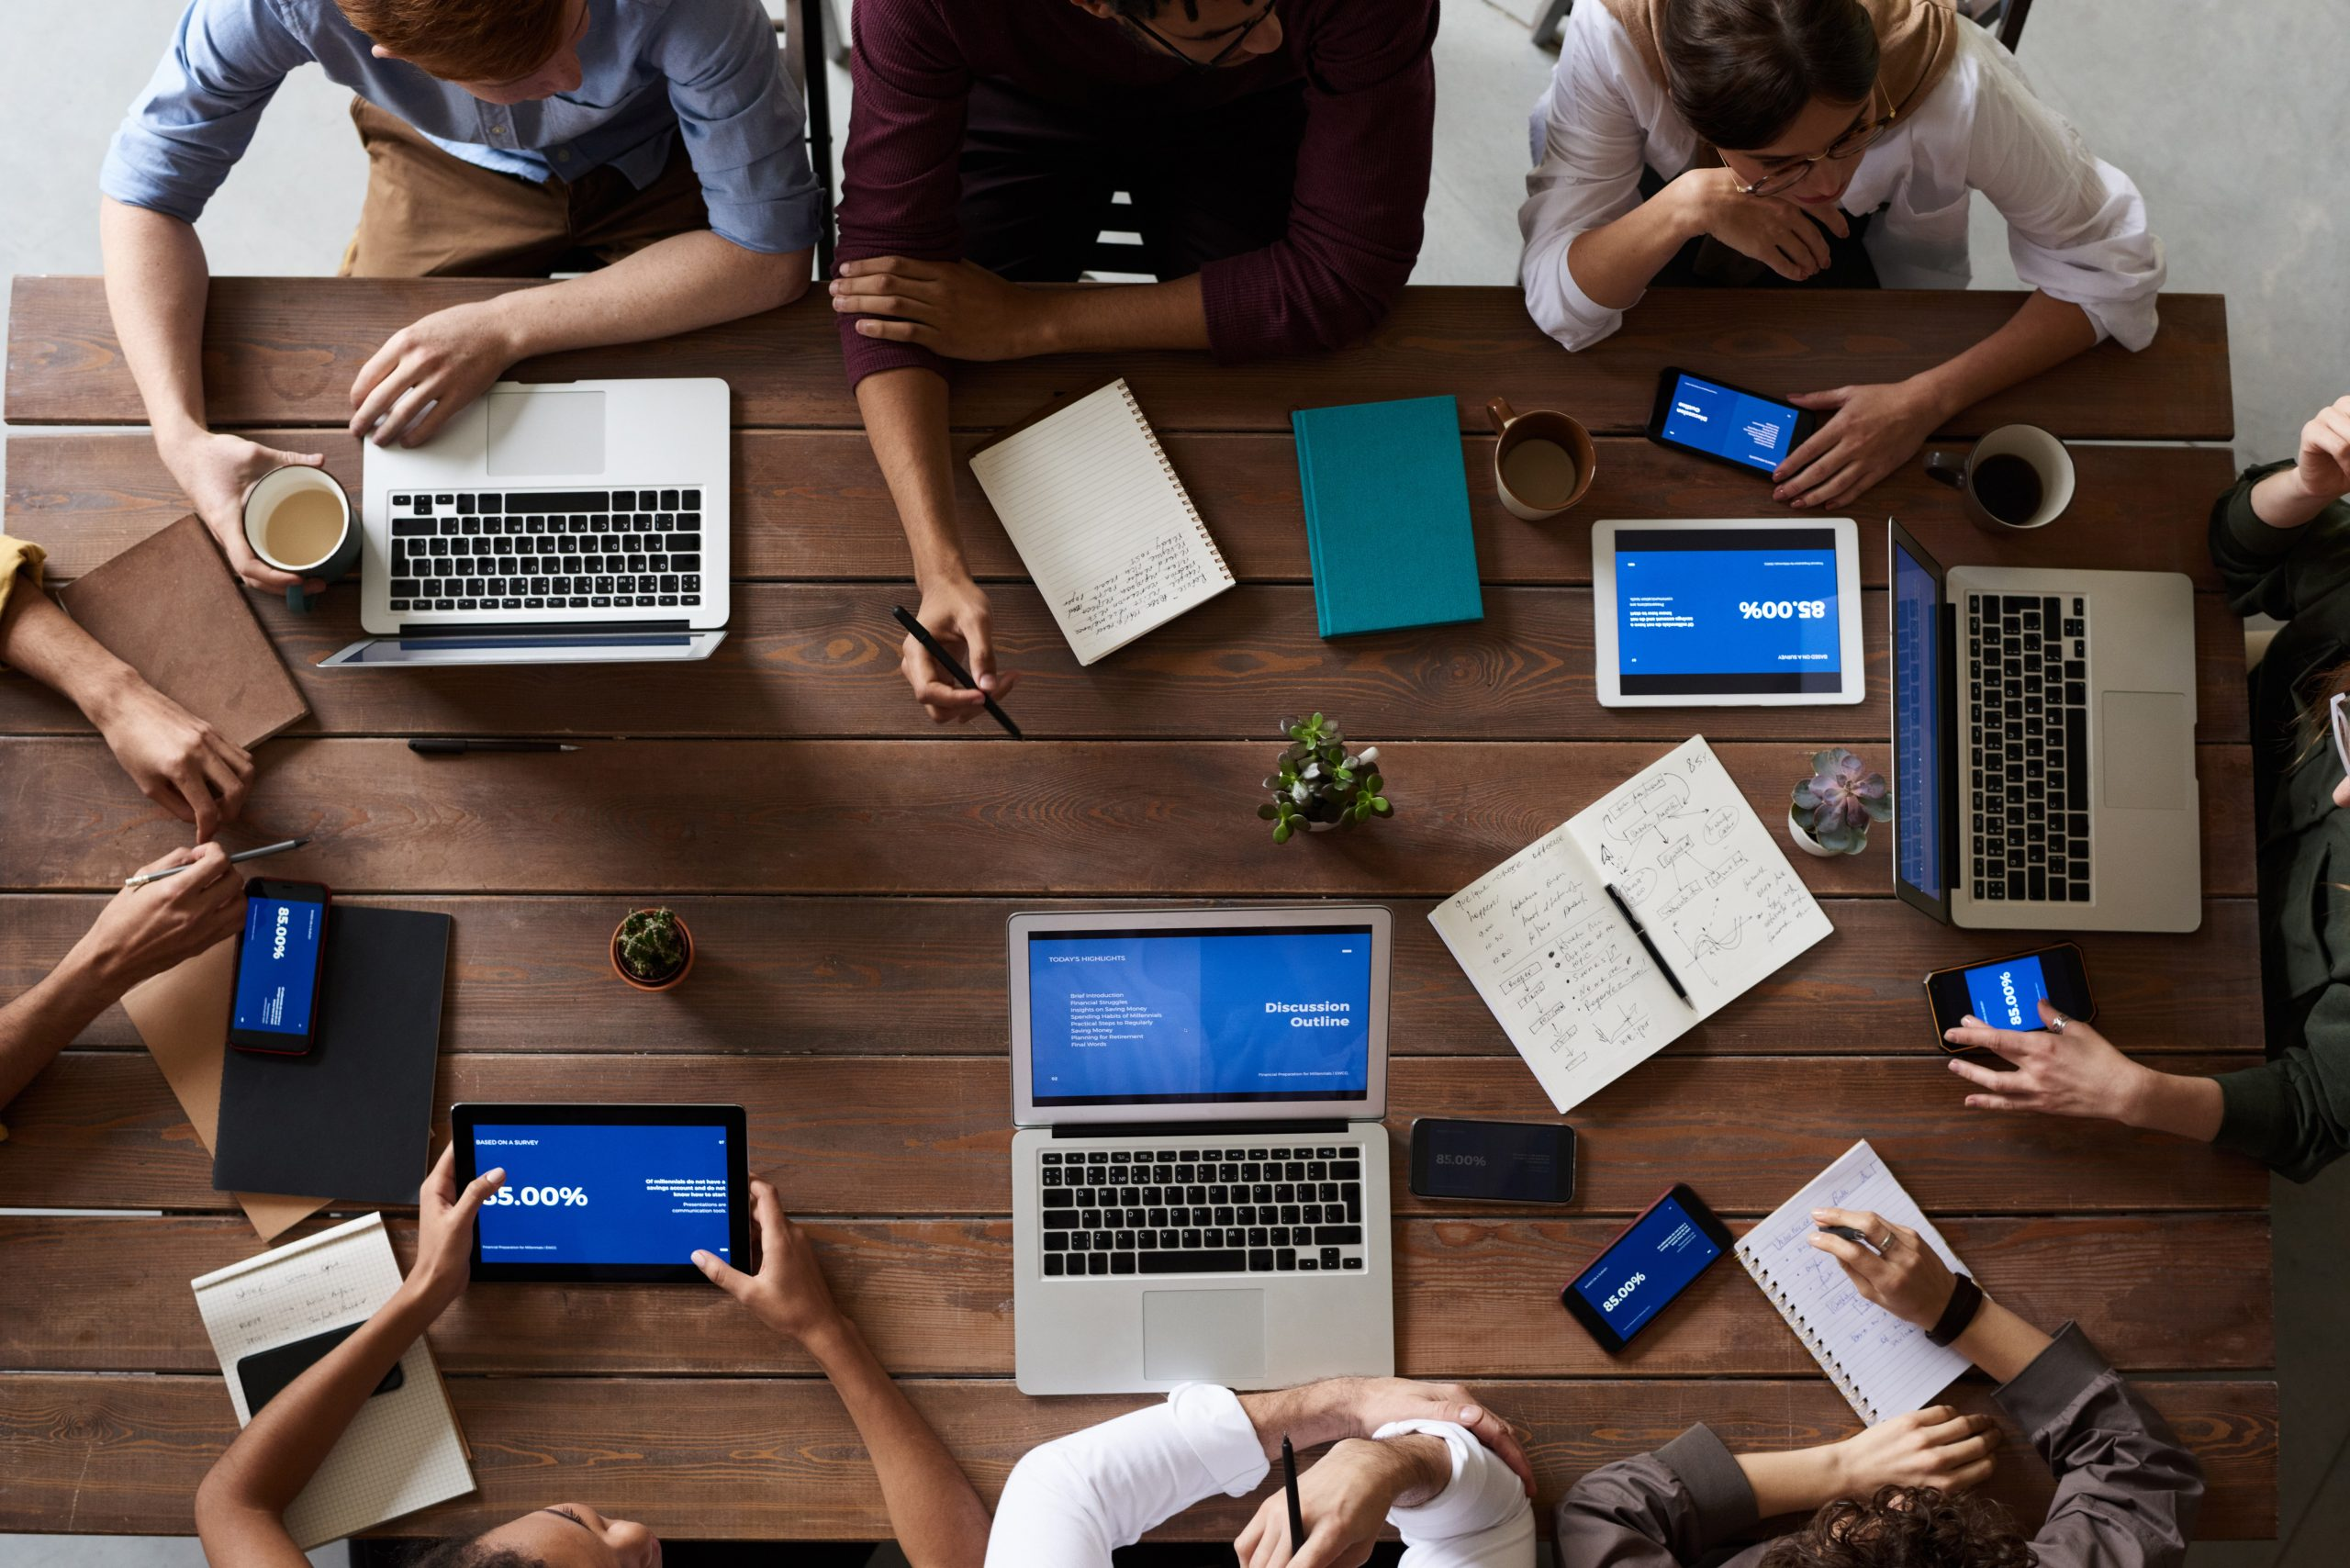 Kỹ năng giải quyết vấn đề trong Teamwork là gì?